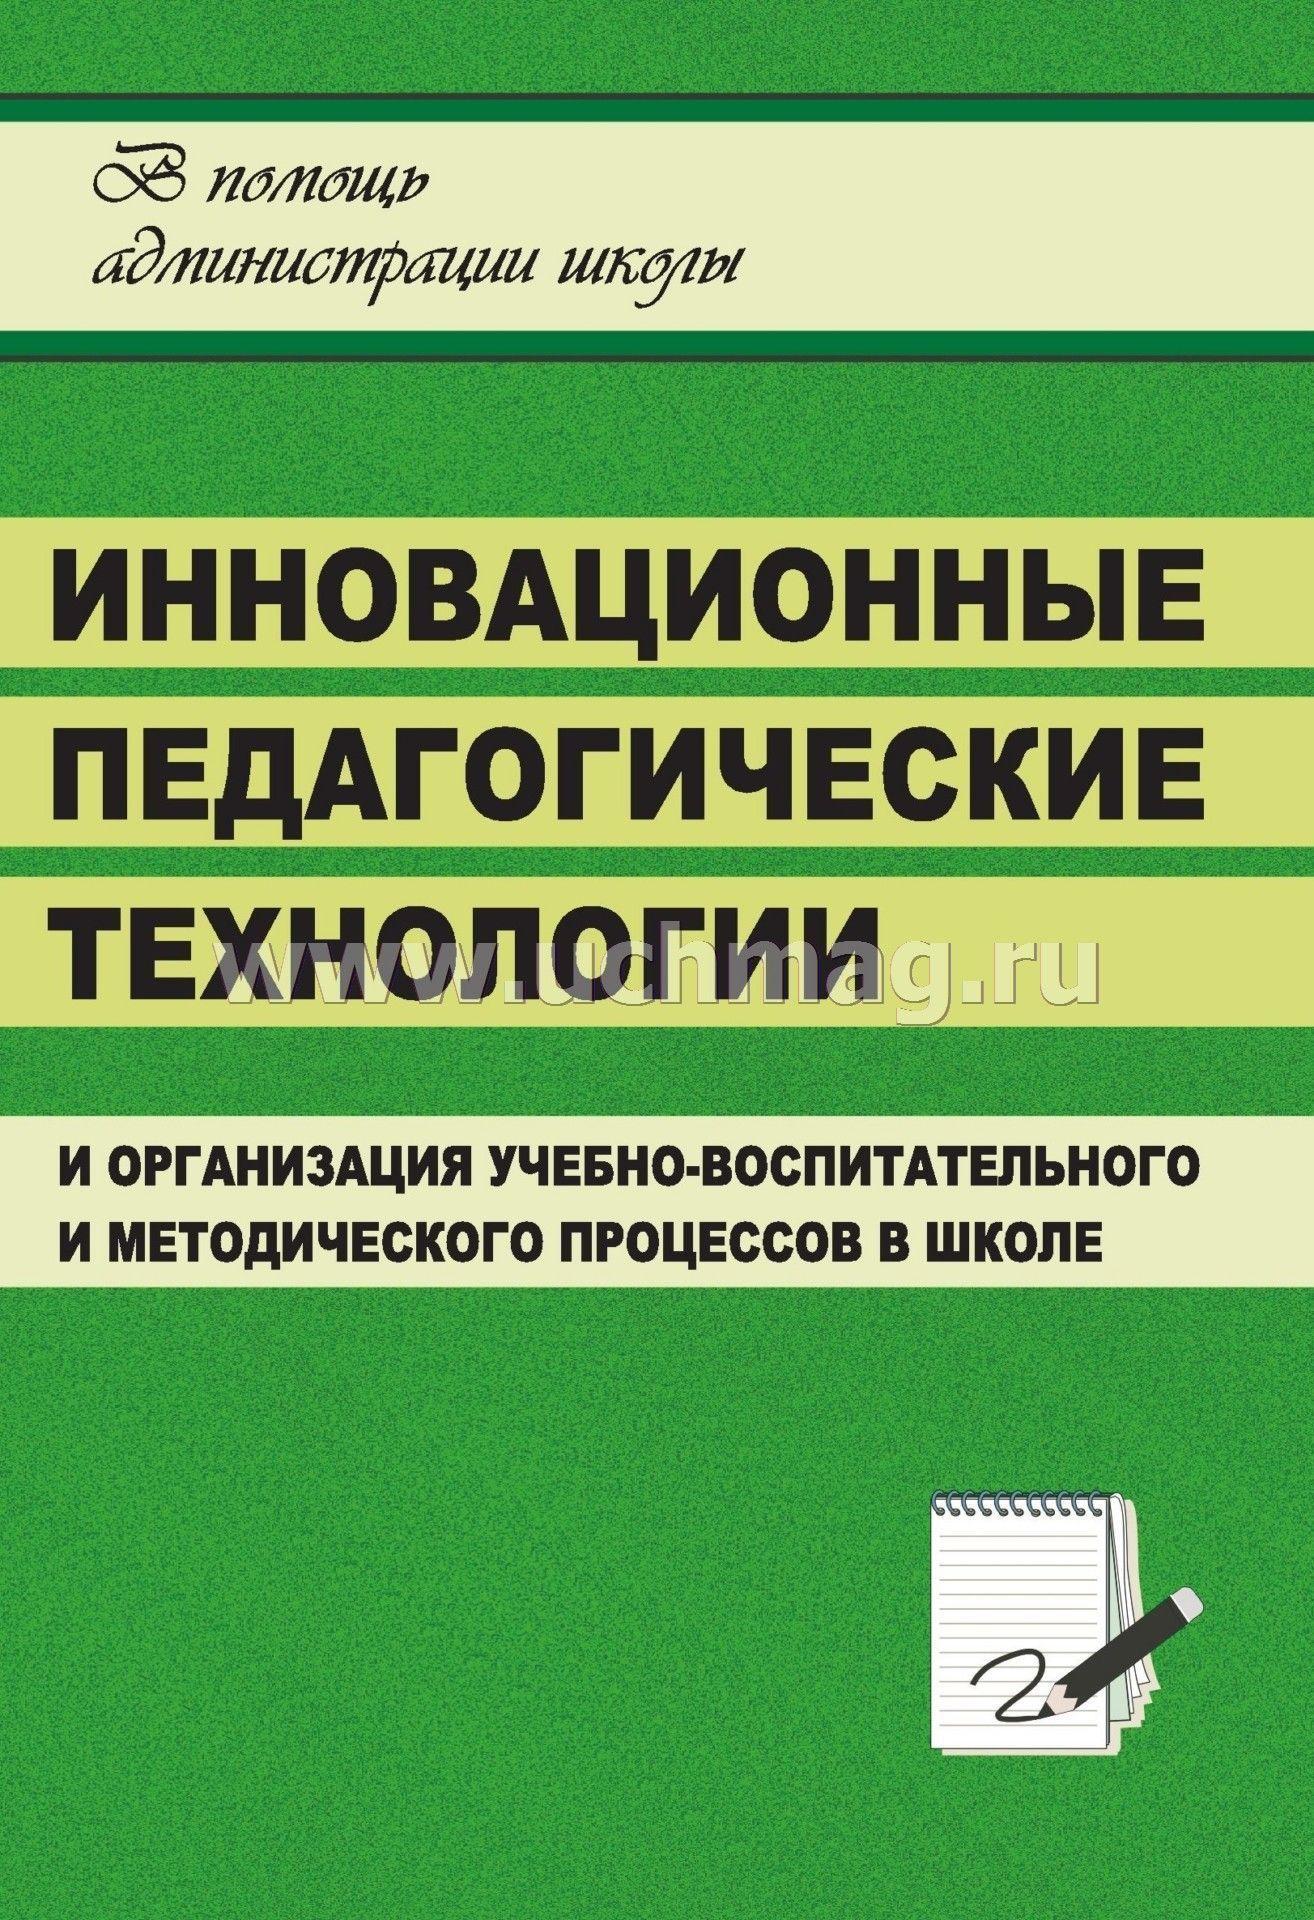 Никишина и в инновационные педагогические технологии